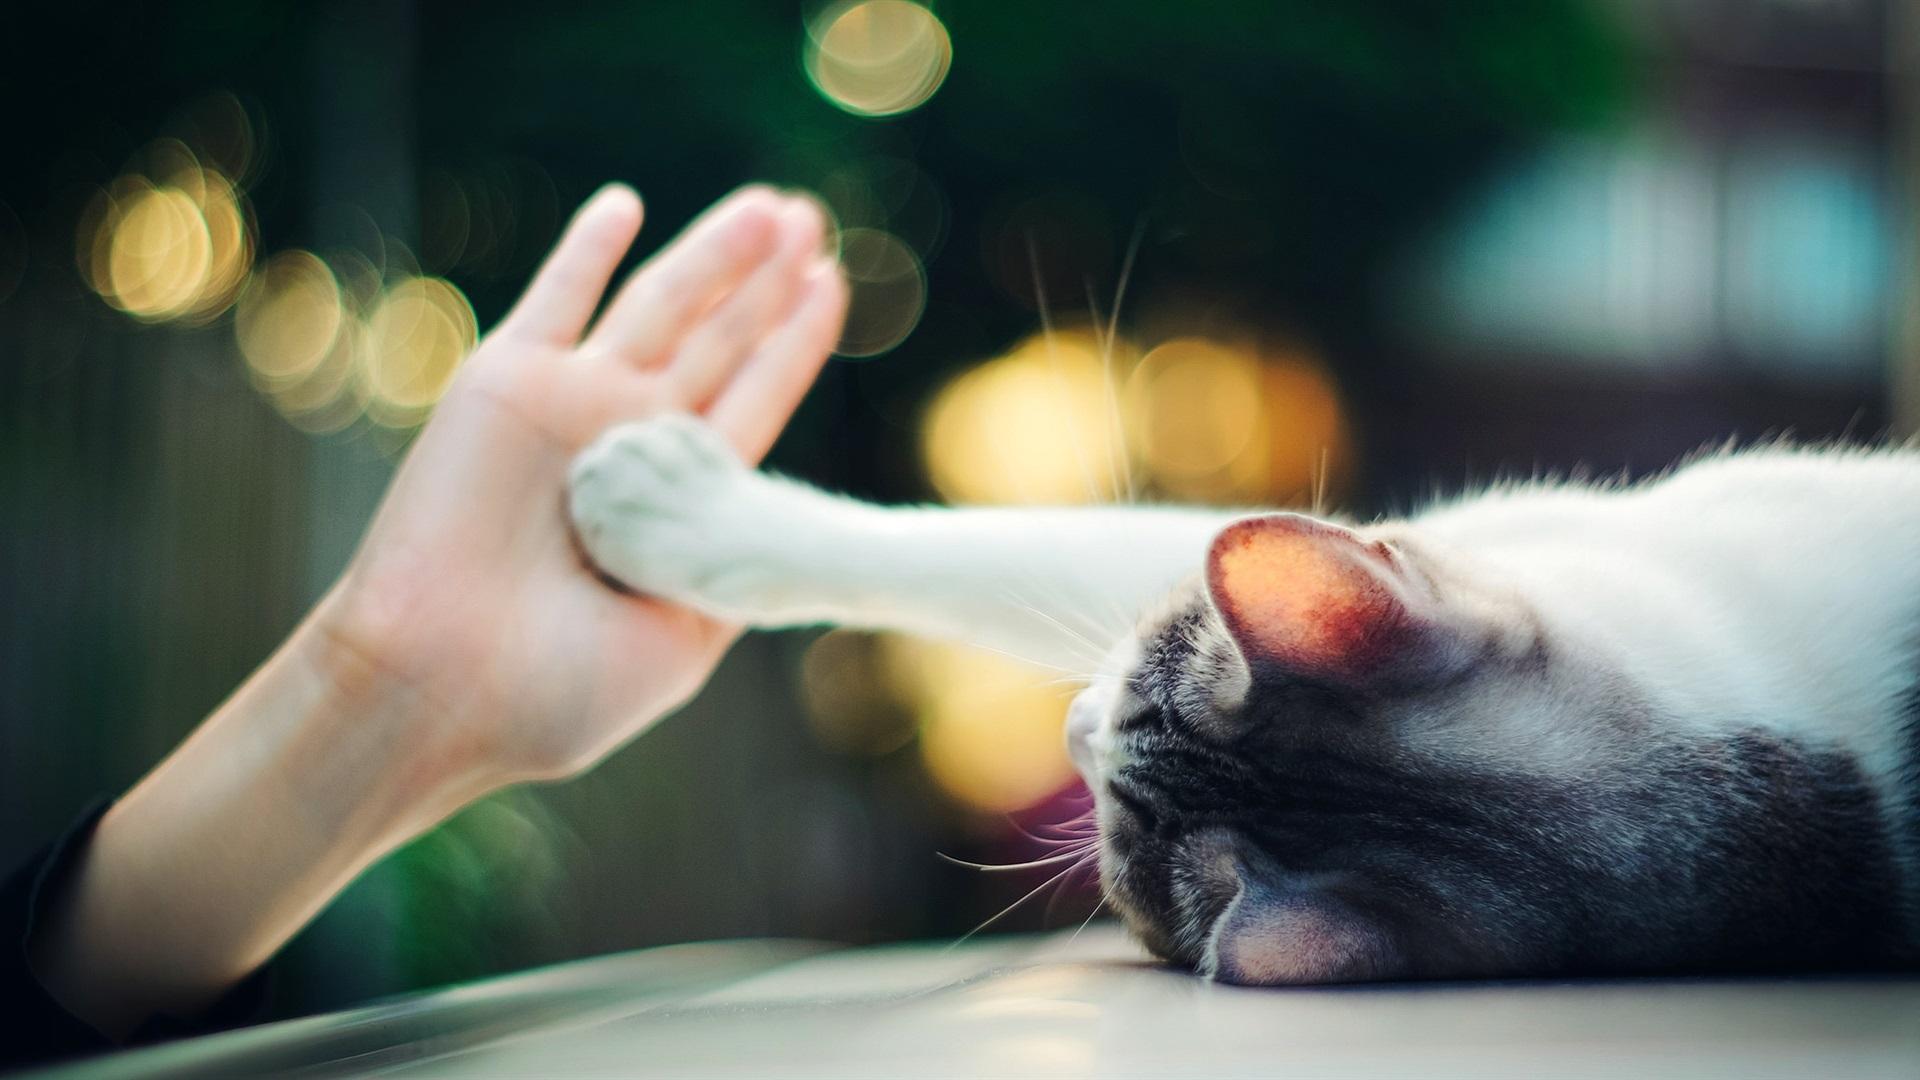 壁紙 かわいい猫のタッチの手の手のひら ボケ 1920x1080 Full Hd 2k